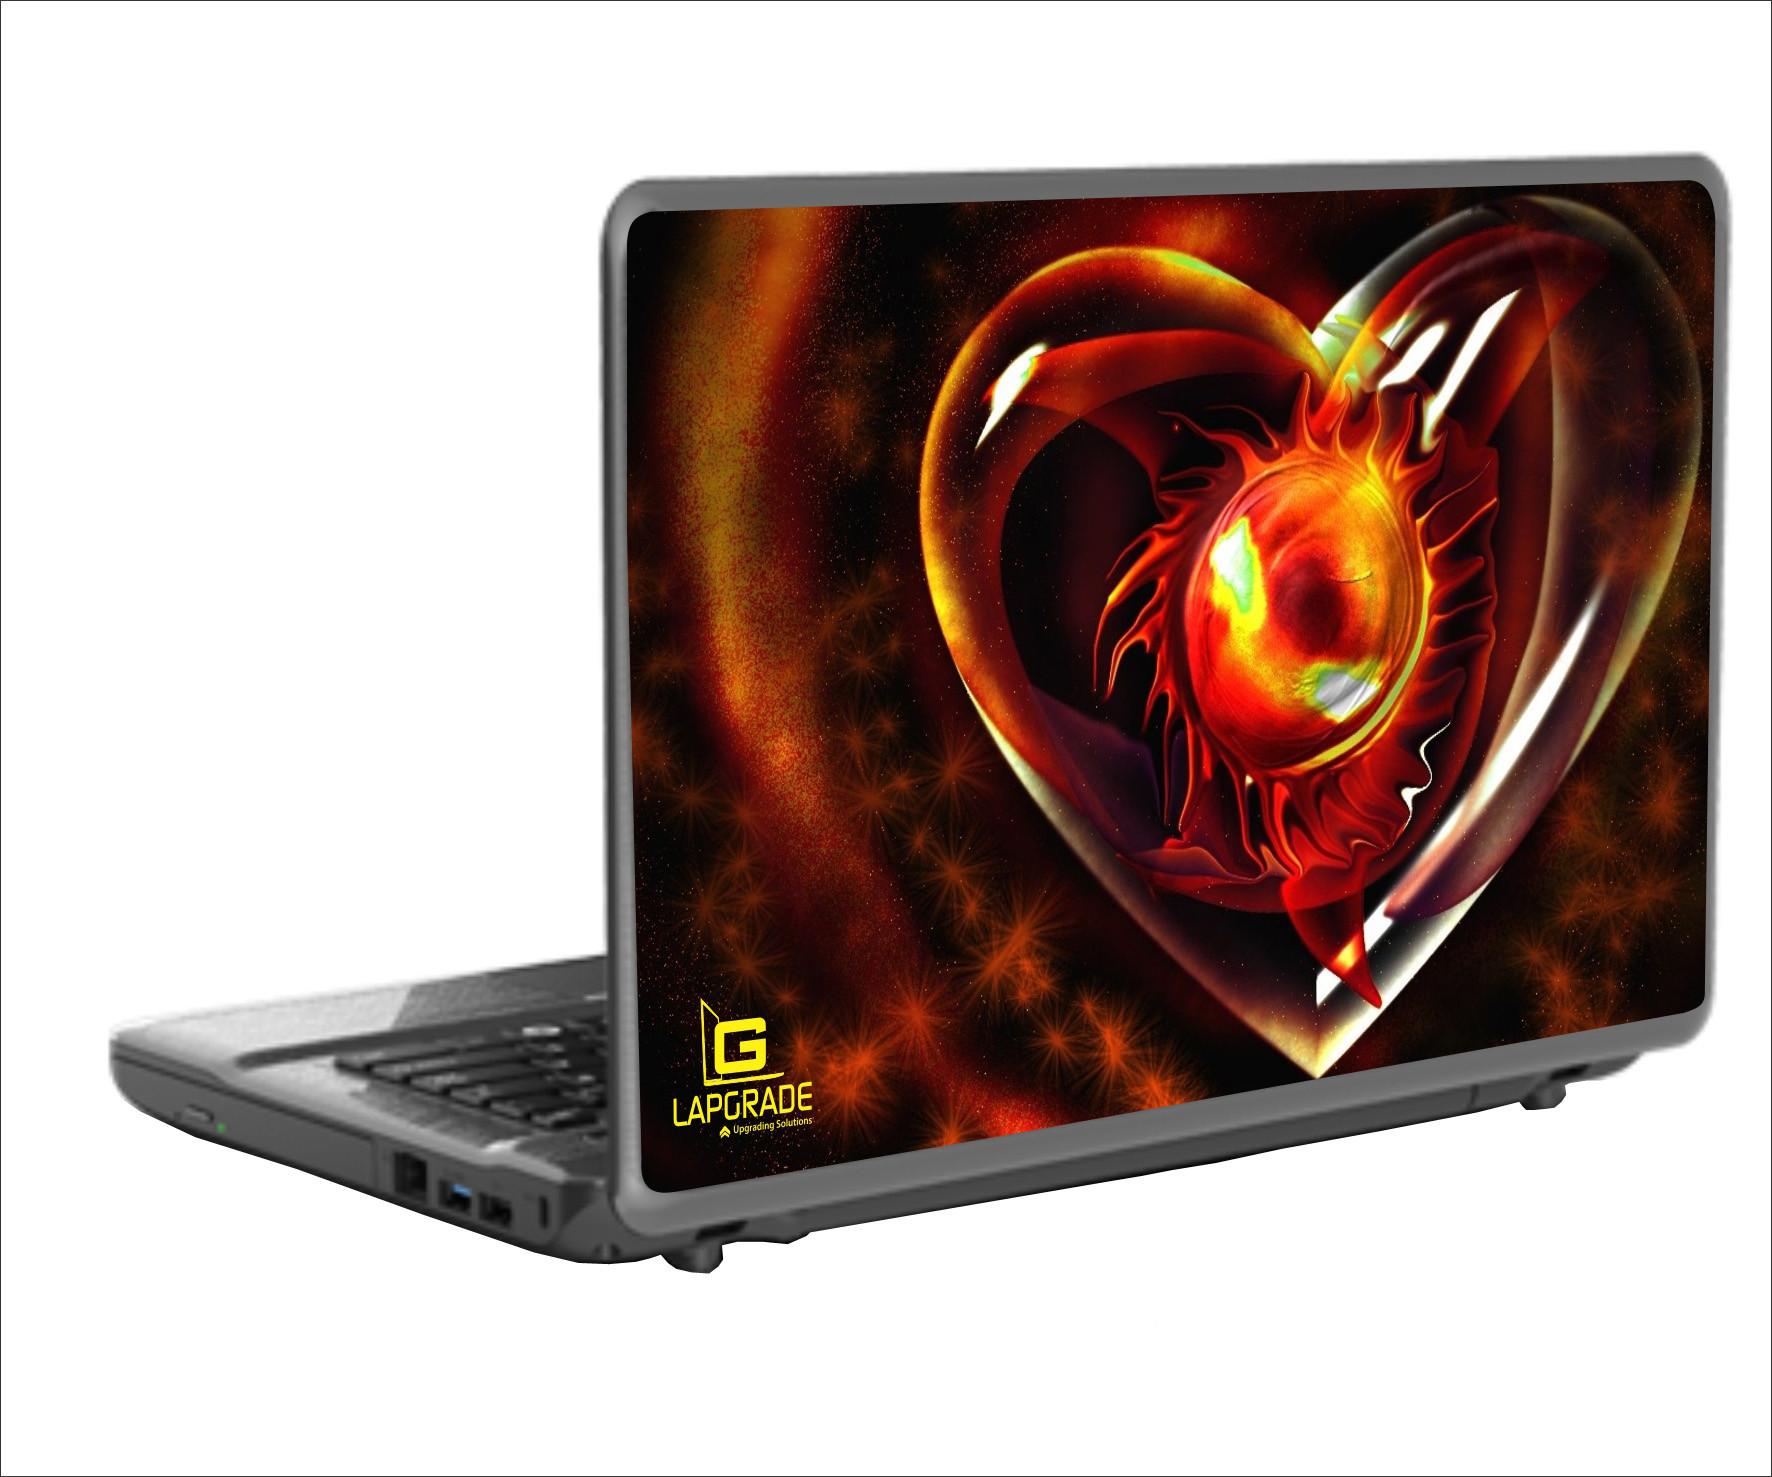 Laptops Between 35000 To 40000 Lapgrade D Laptop Skin Original Imadmmxkyuqzzy